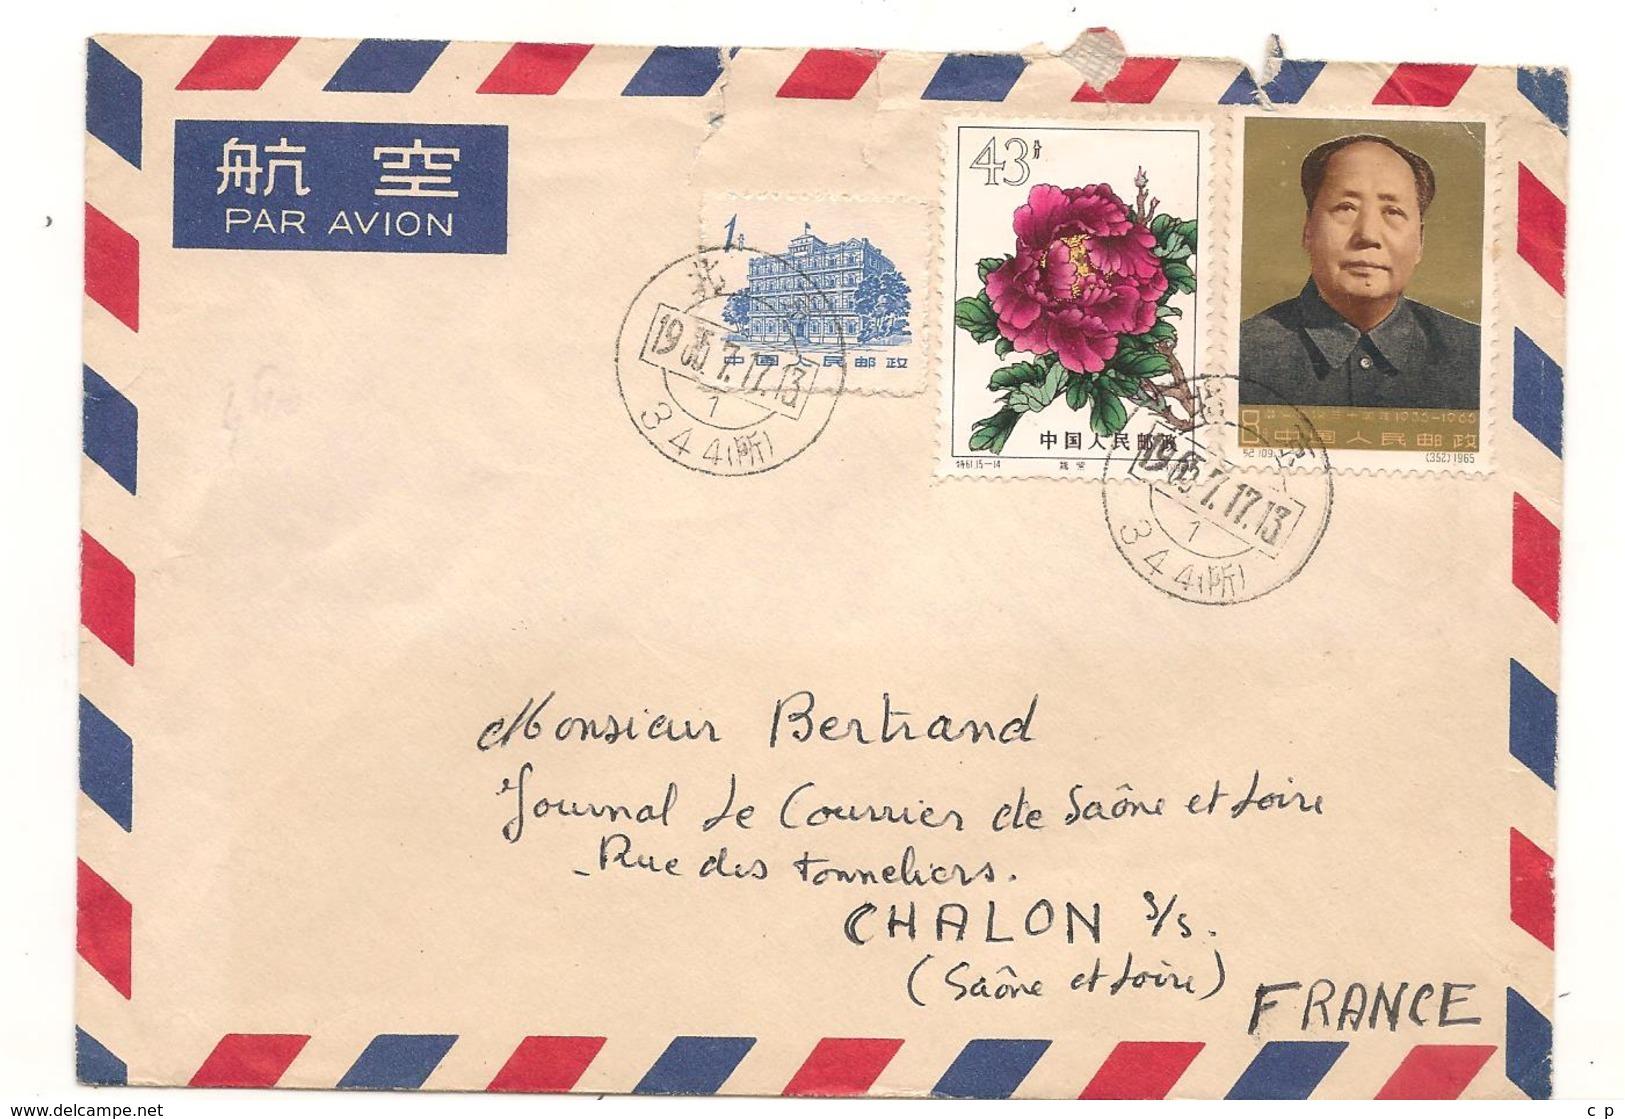 Chine -  1965 - Marcophilie - Lettre Par Avion  -  Mao Tsetung -  Philatelie PH ° - 1949 - ... People's Republic